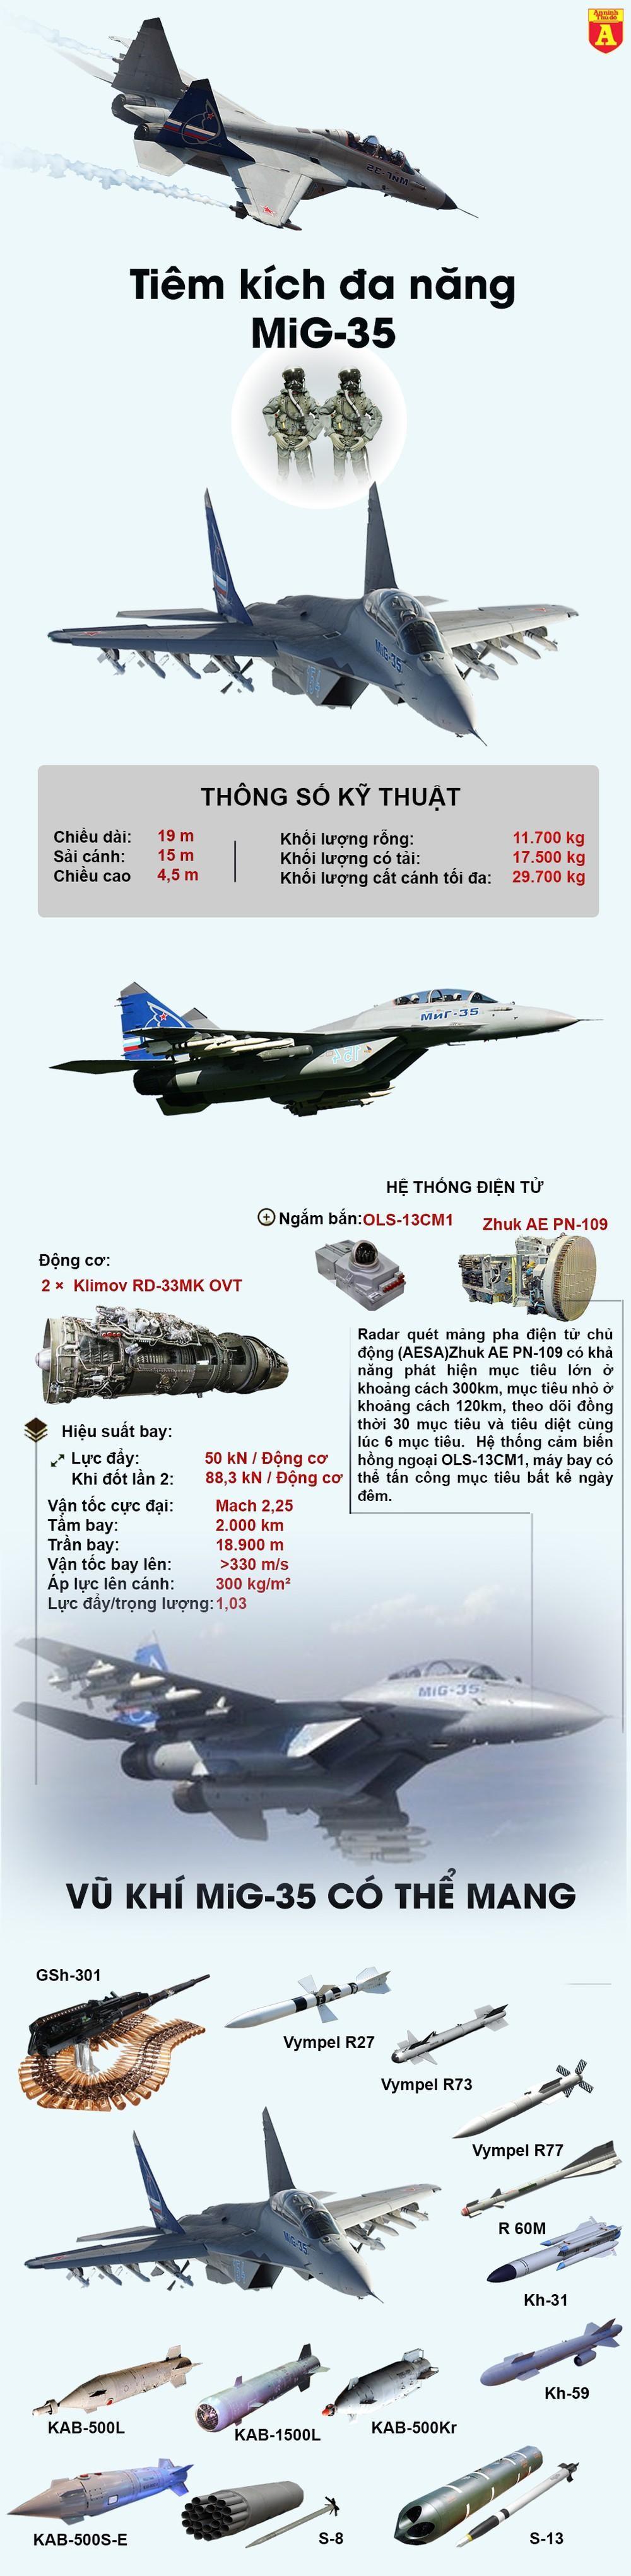 [Info] Bao giờ MiG-35 mới giúp hãng máy bay Nga thoái khỏi vũng tối? ảnh 3